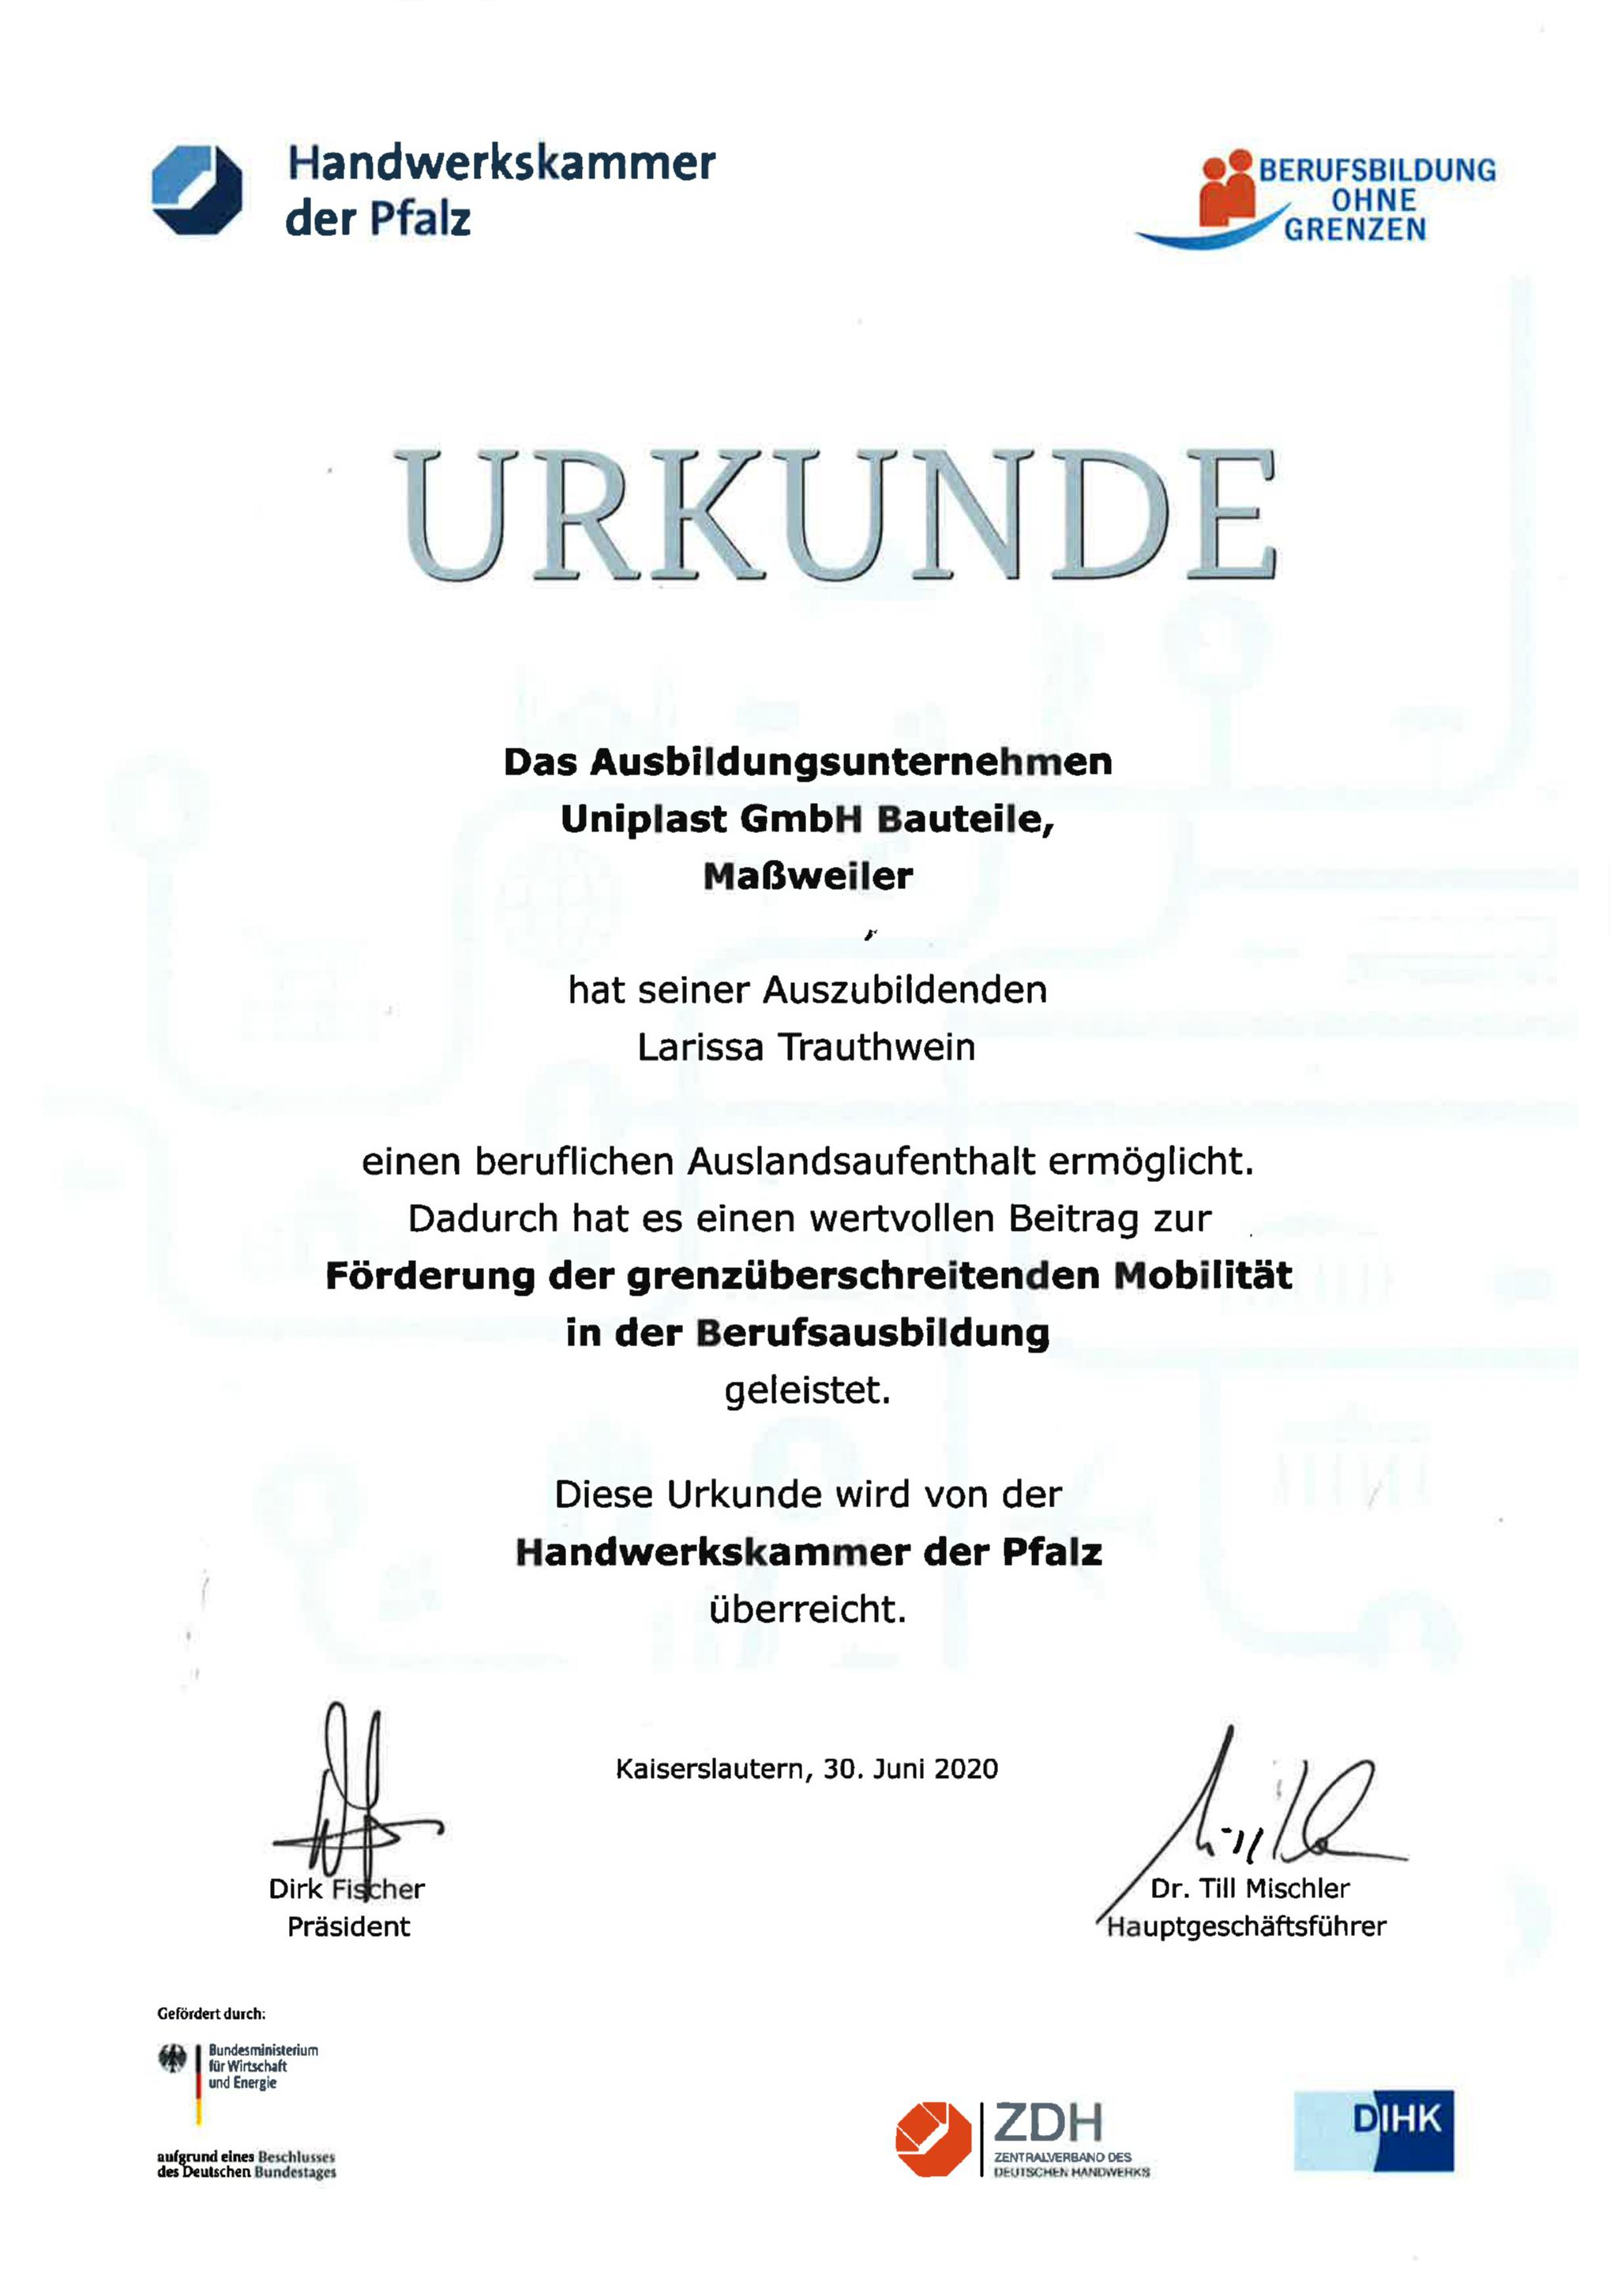 Urkunde Berufsbildung ohne Grenzen